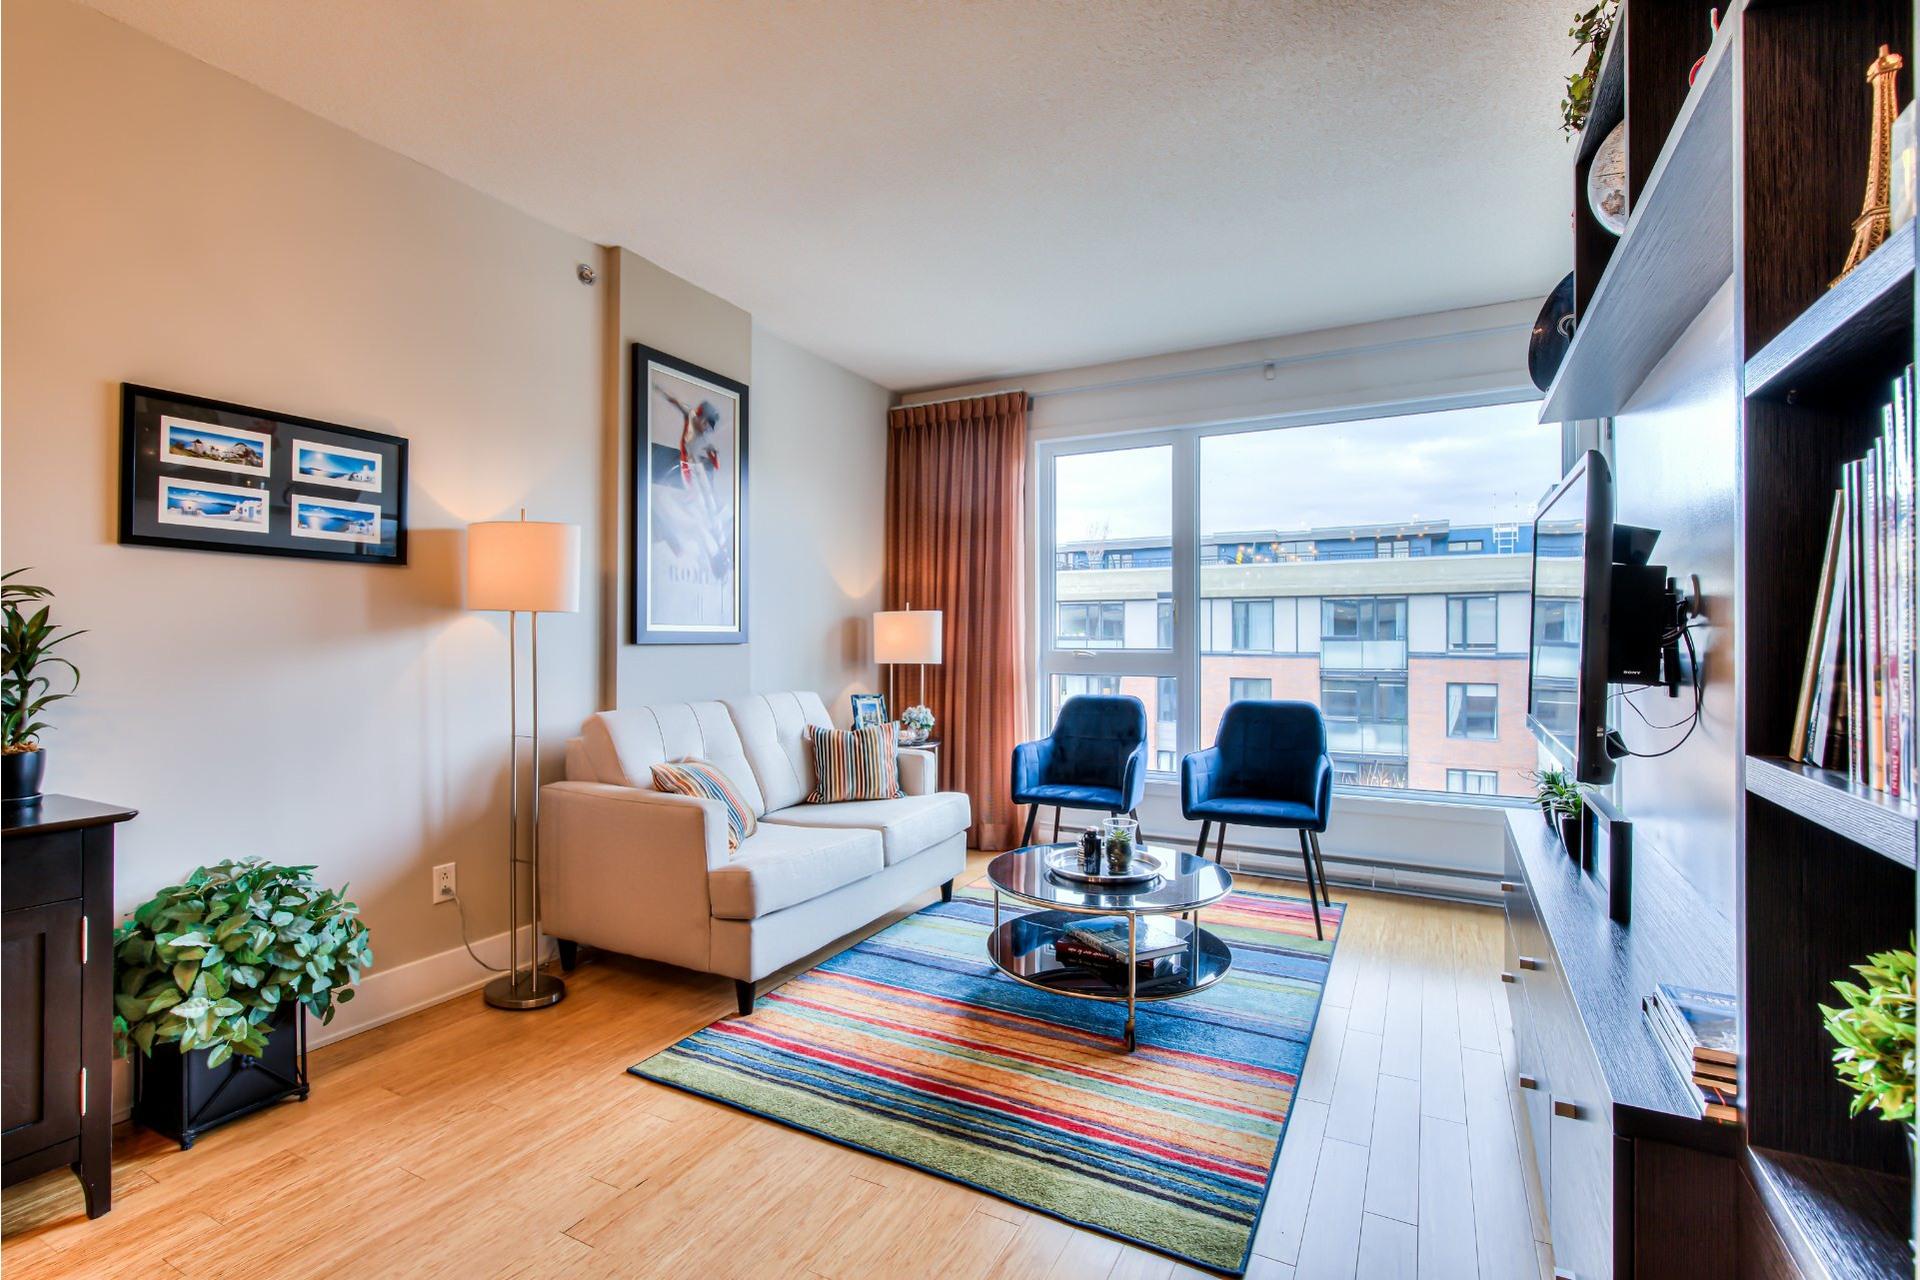 image 17 - Appartement À vendre Ville-Marie Montréal  - 7 pièces